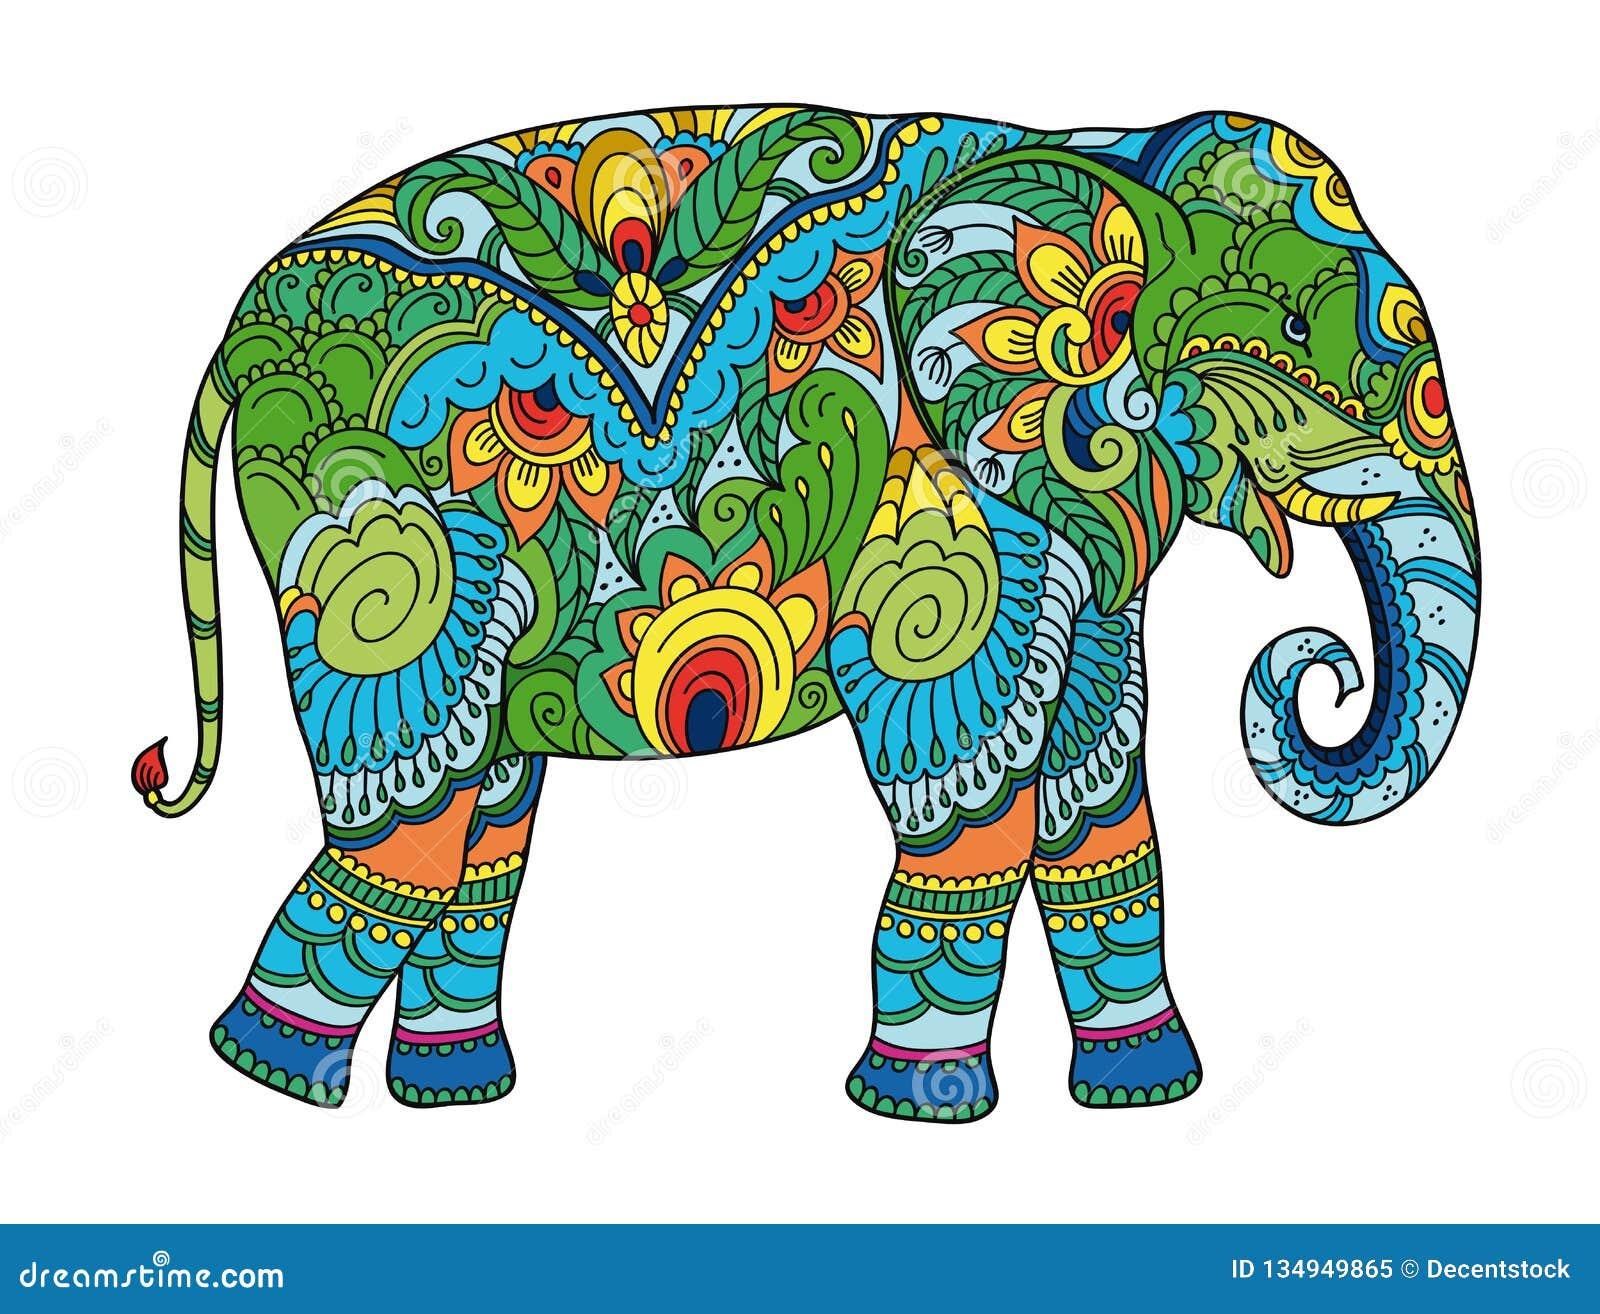 Elephant Stylise De Dessin Croquis A Main Levee Pour Anti